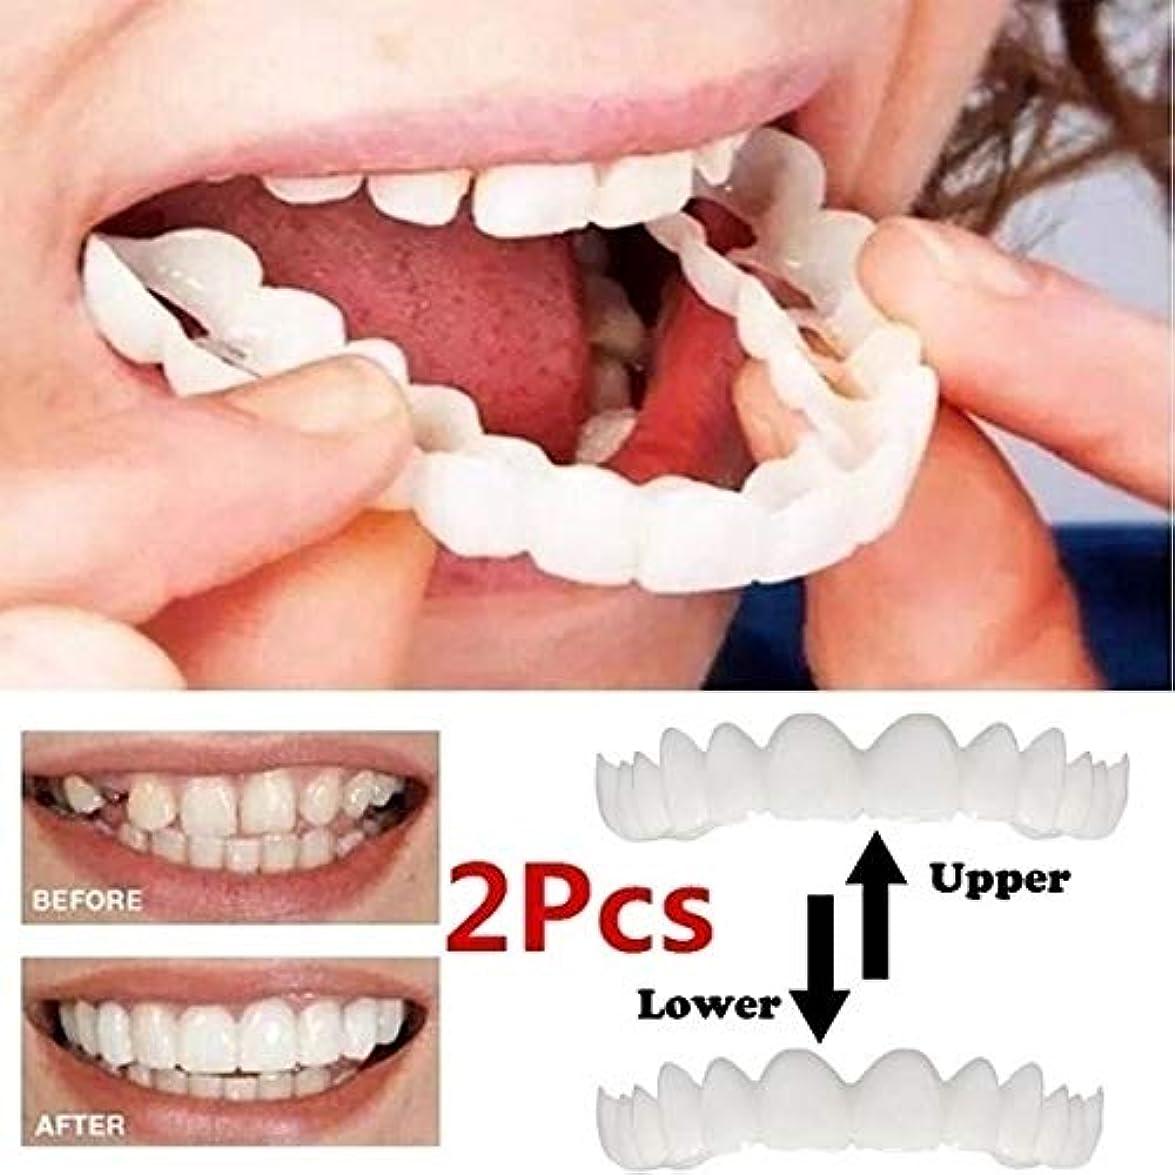 予備半円超える2本の一時的な笑顔の快適フィット化粧品の歯義歯のベニヤ歯の快適フィットフレックス化粧品の歯の上の歯のベニヤと下のベニヤ - 歯のベニヤ